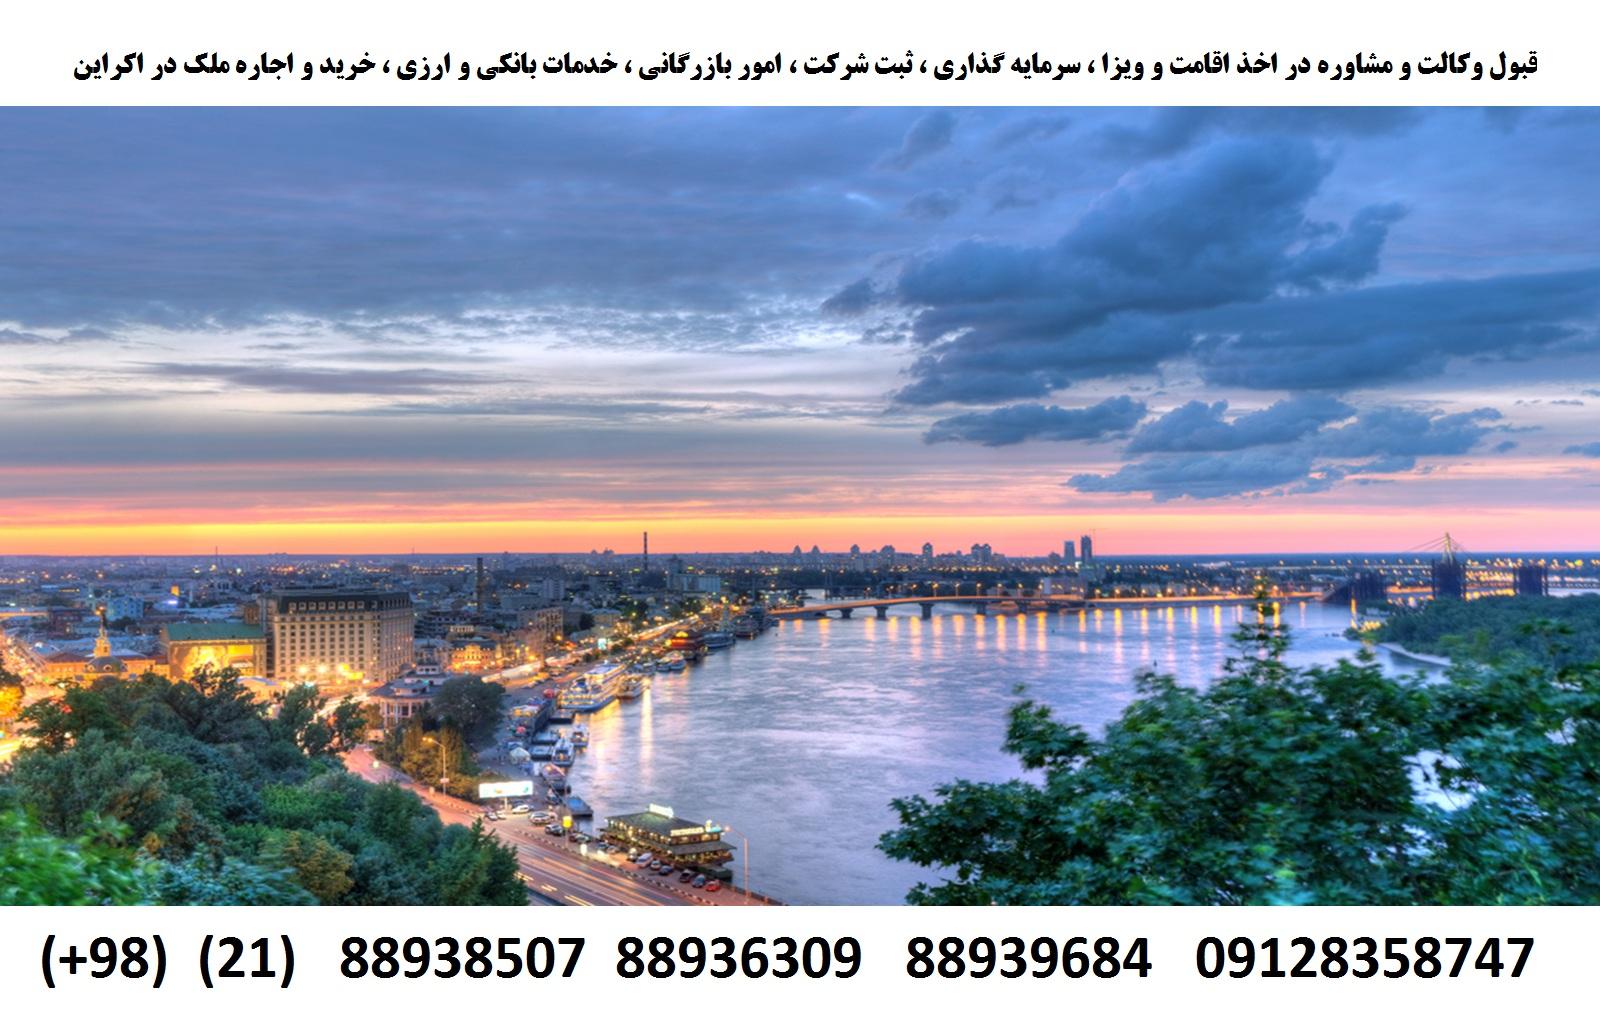 اقامت ، ویزا ، ثبت شرکت ، سرمایه گذاری در اکراین (7)